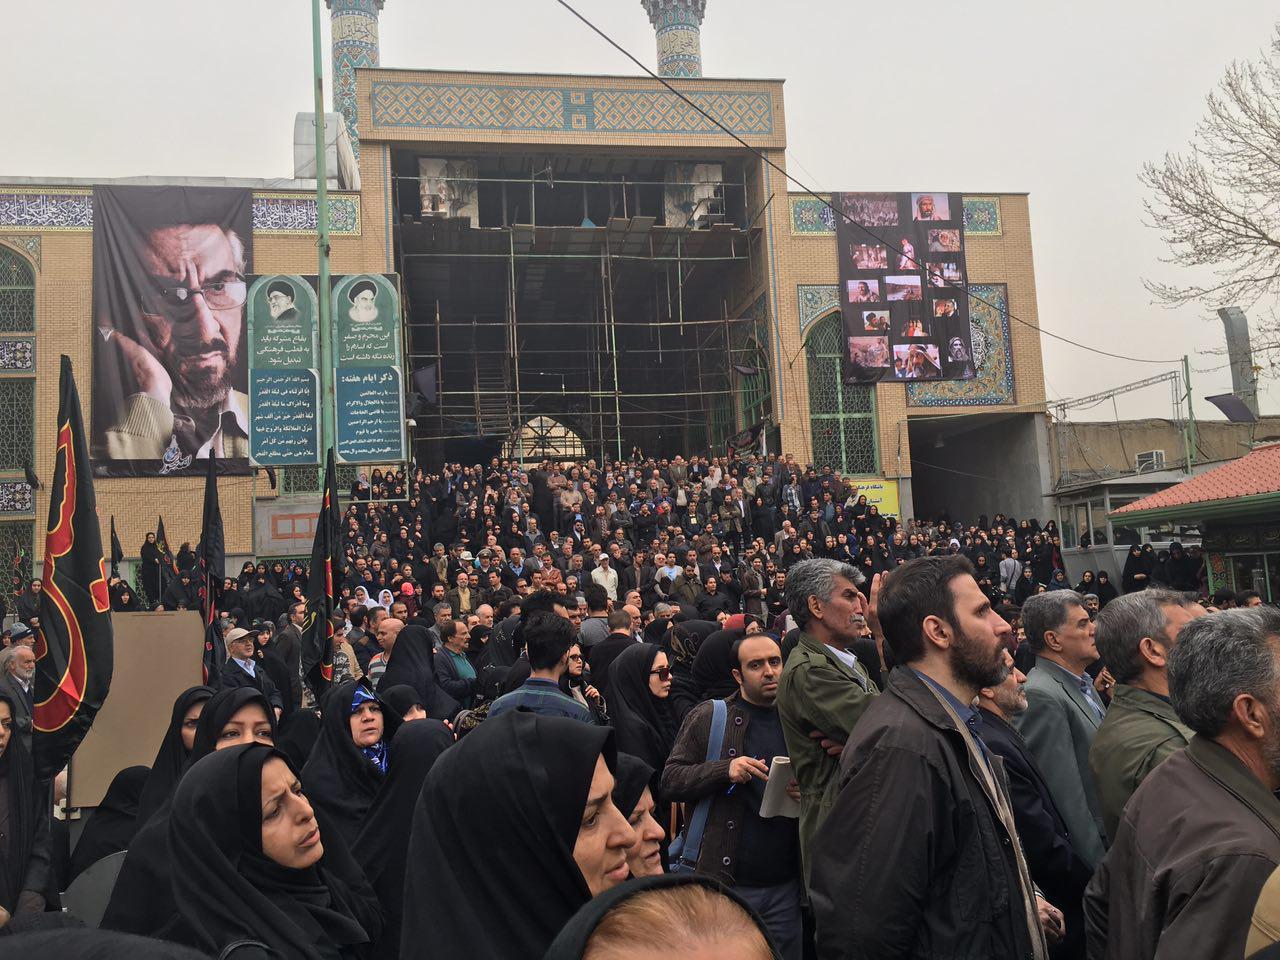 تشییع کارگردان «یوسف پیامبر» به خانه ابدی/ مارش نظامی برای سلحشور + تصاویر